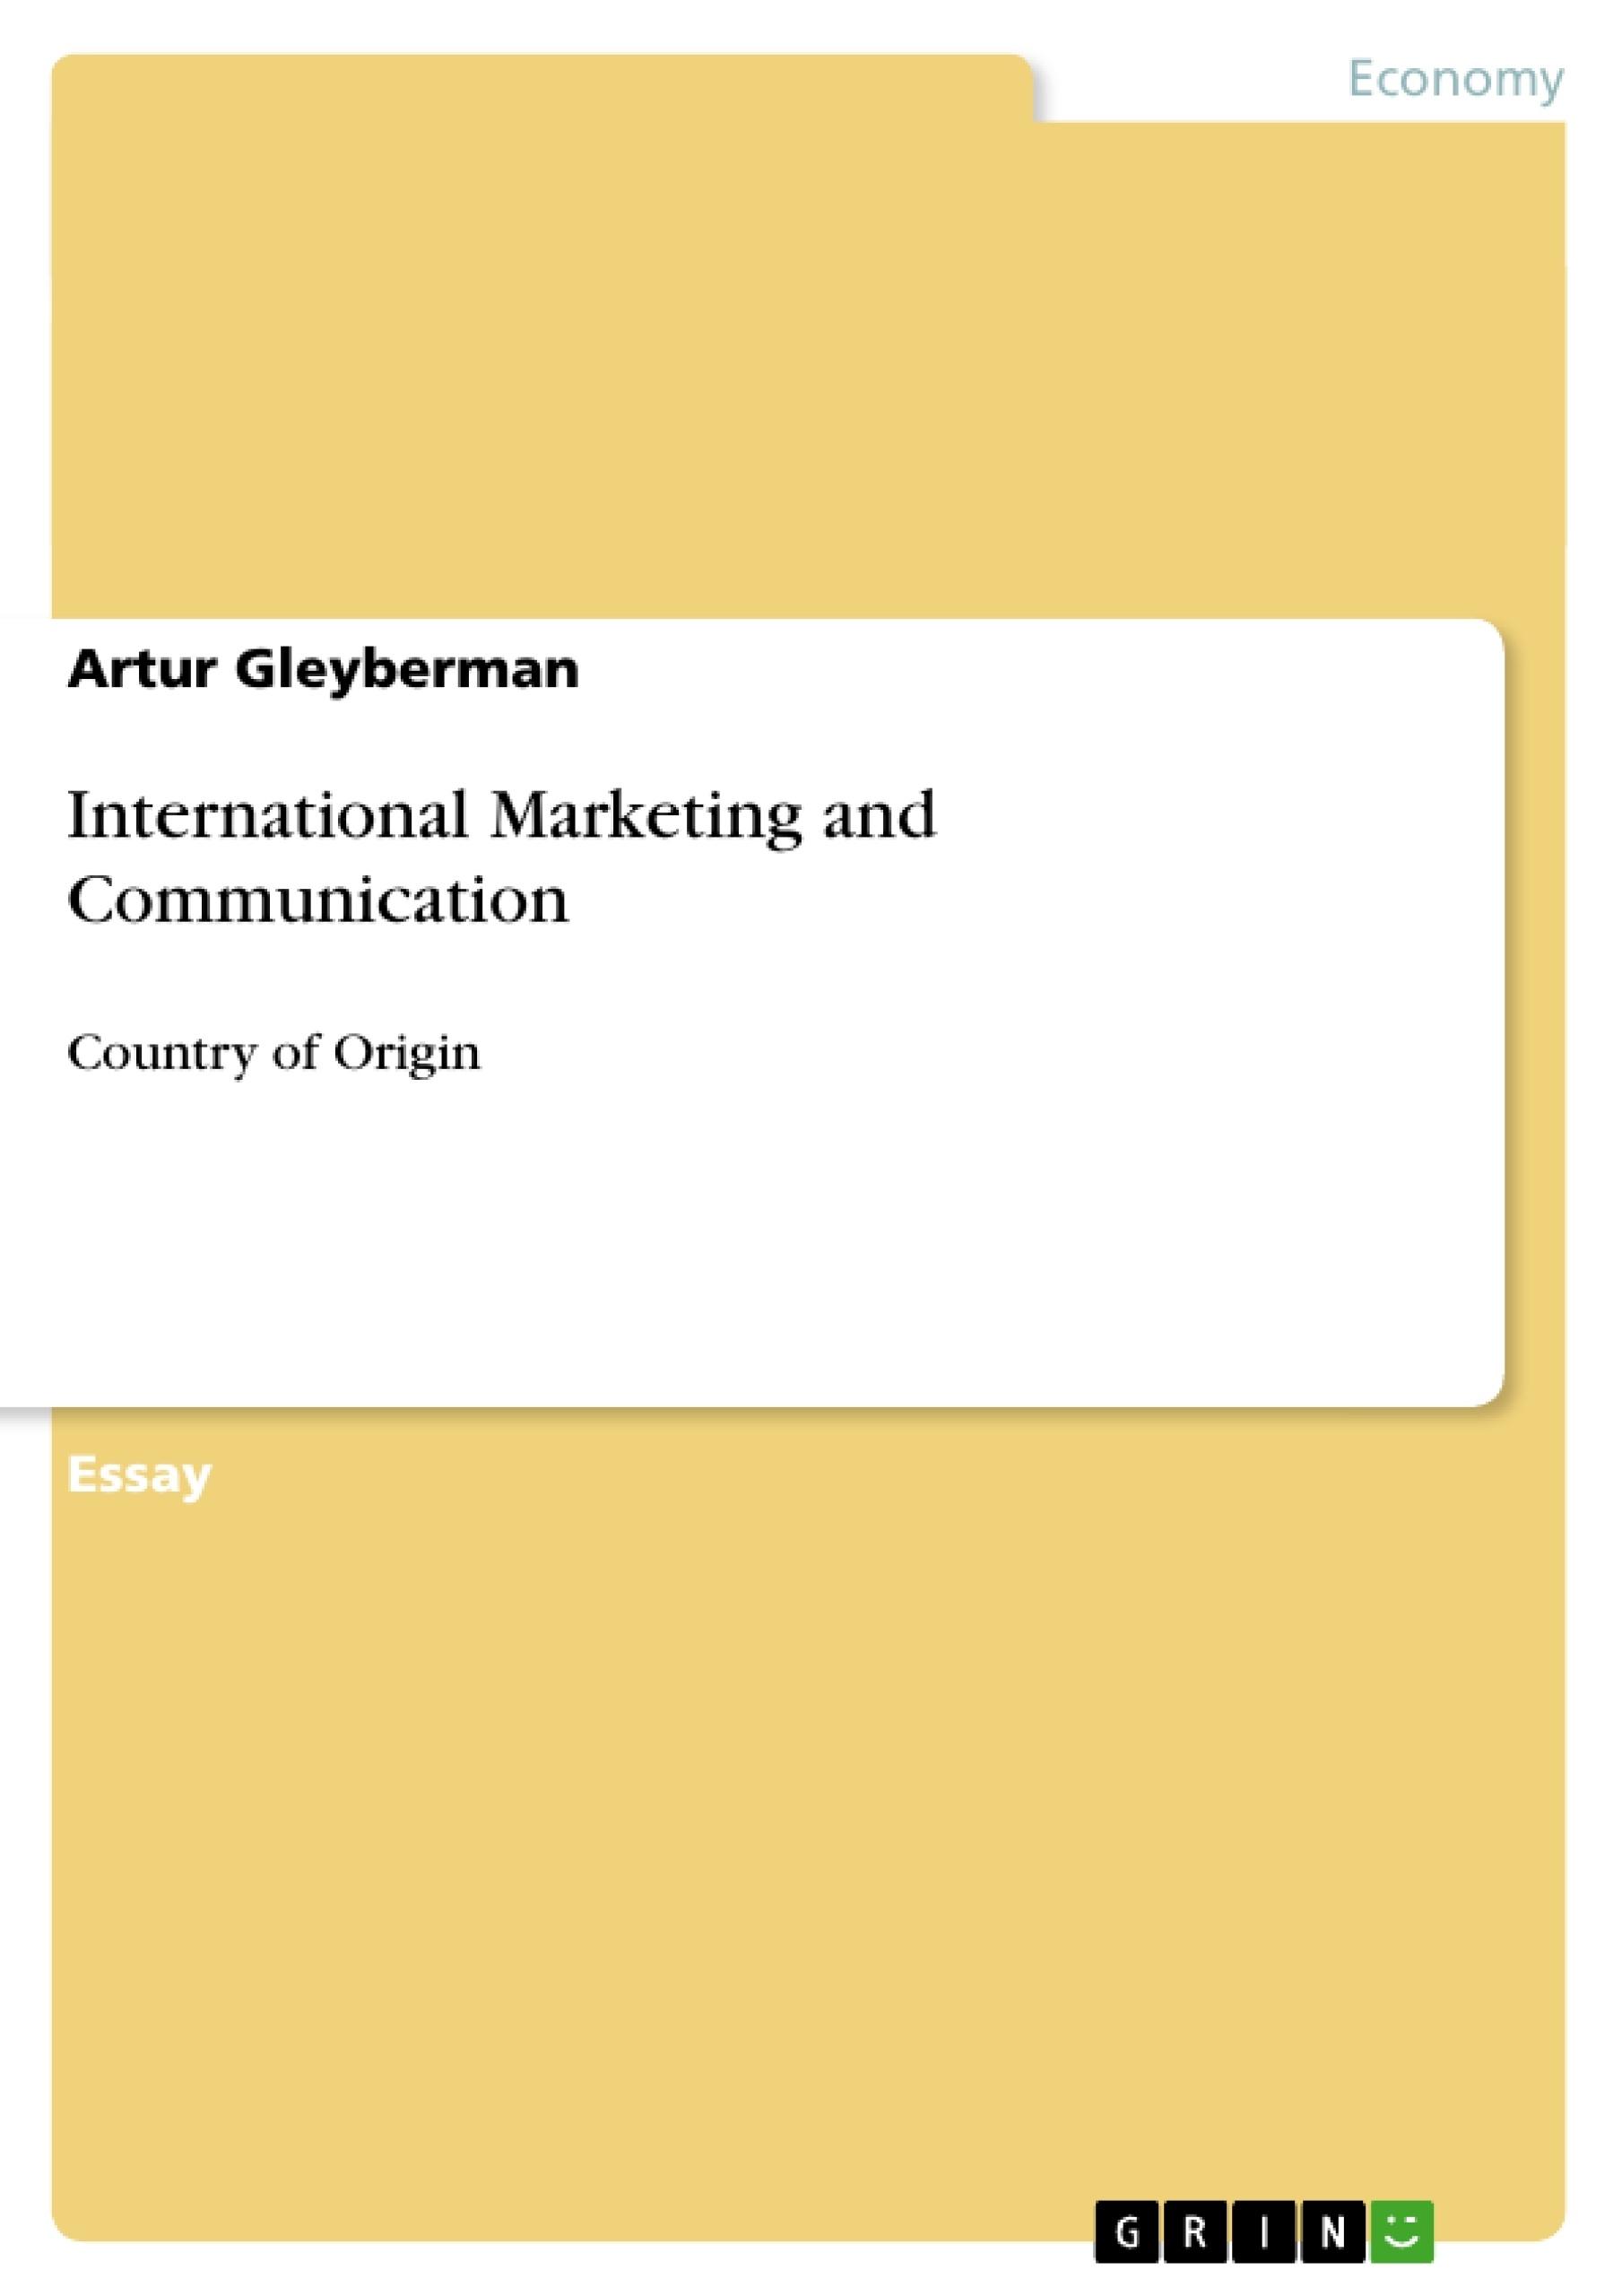 Title: International Marketing and Communication